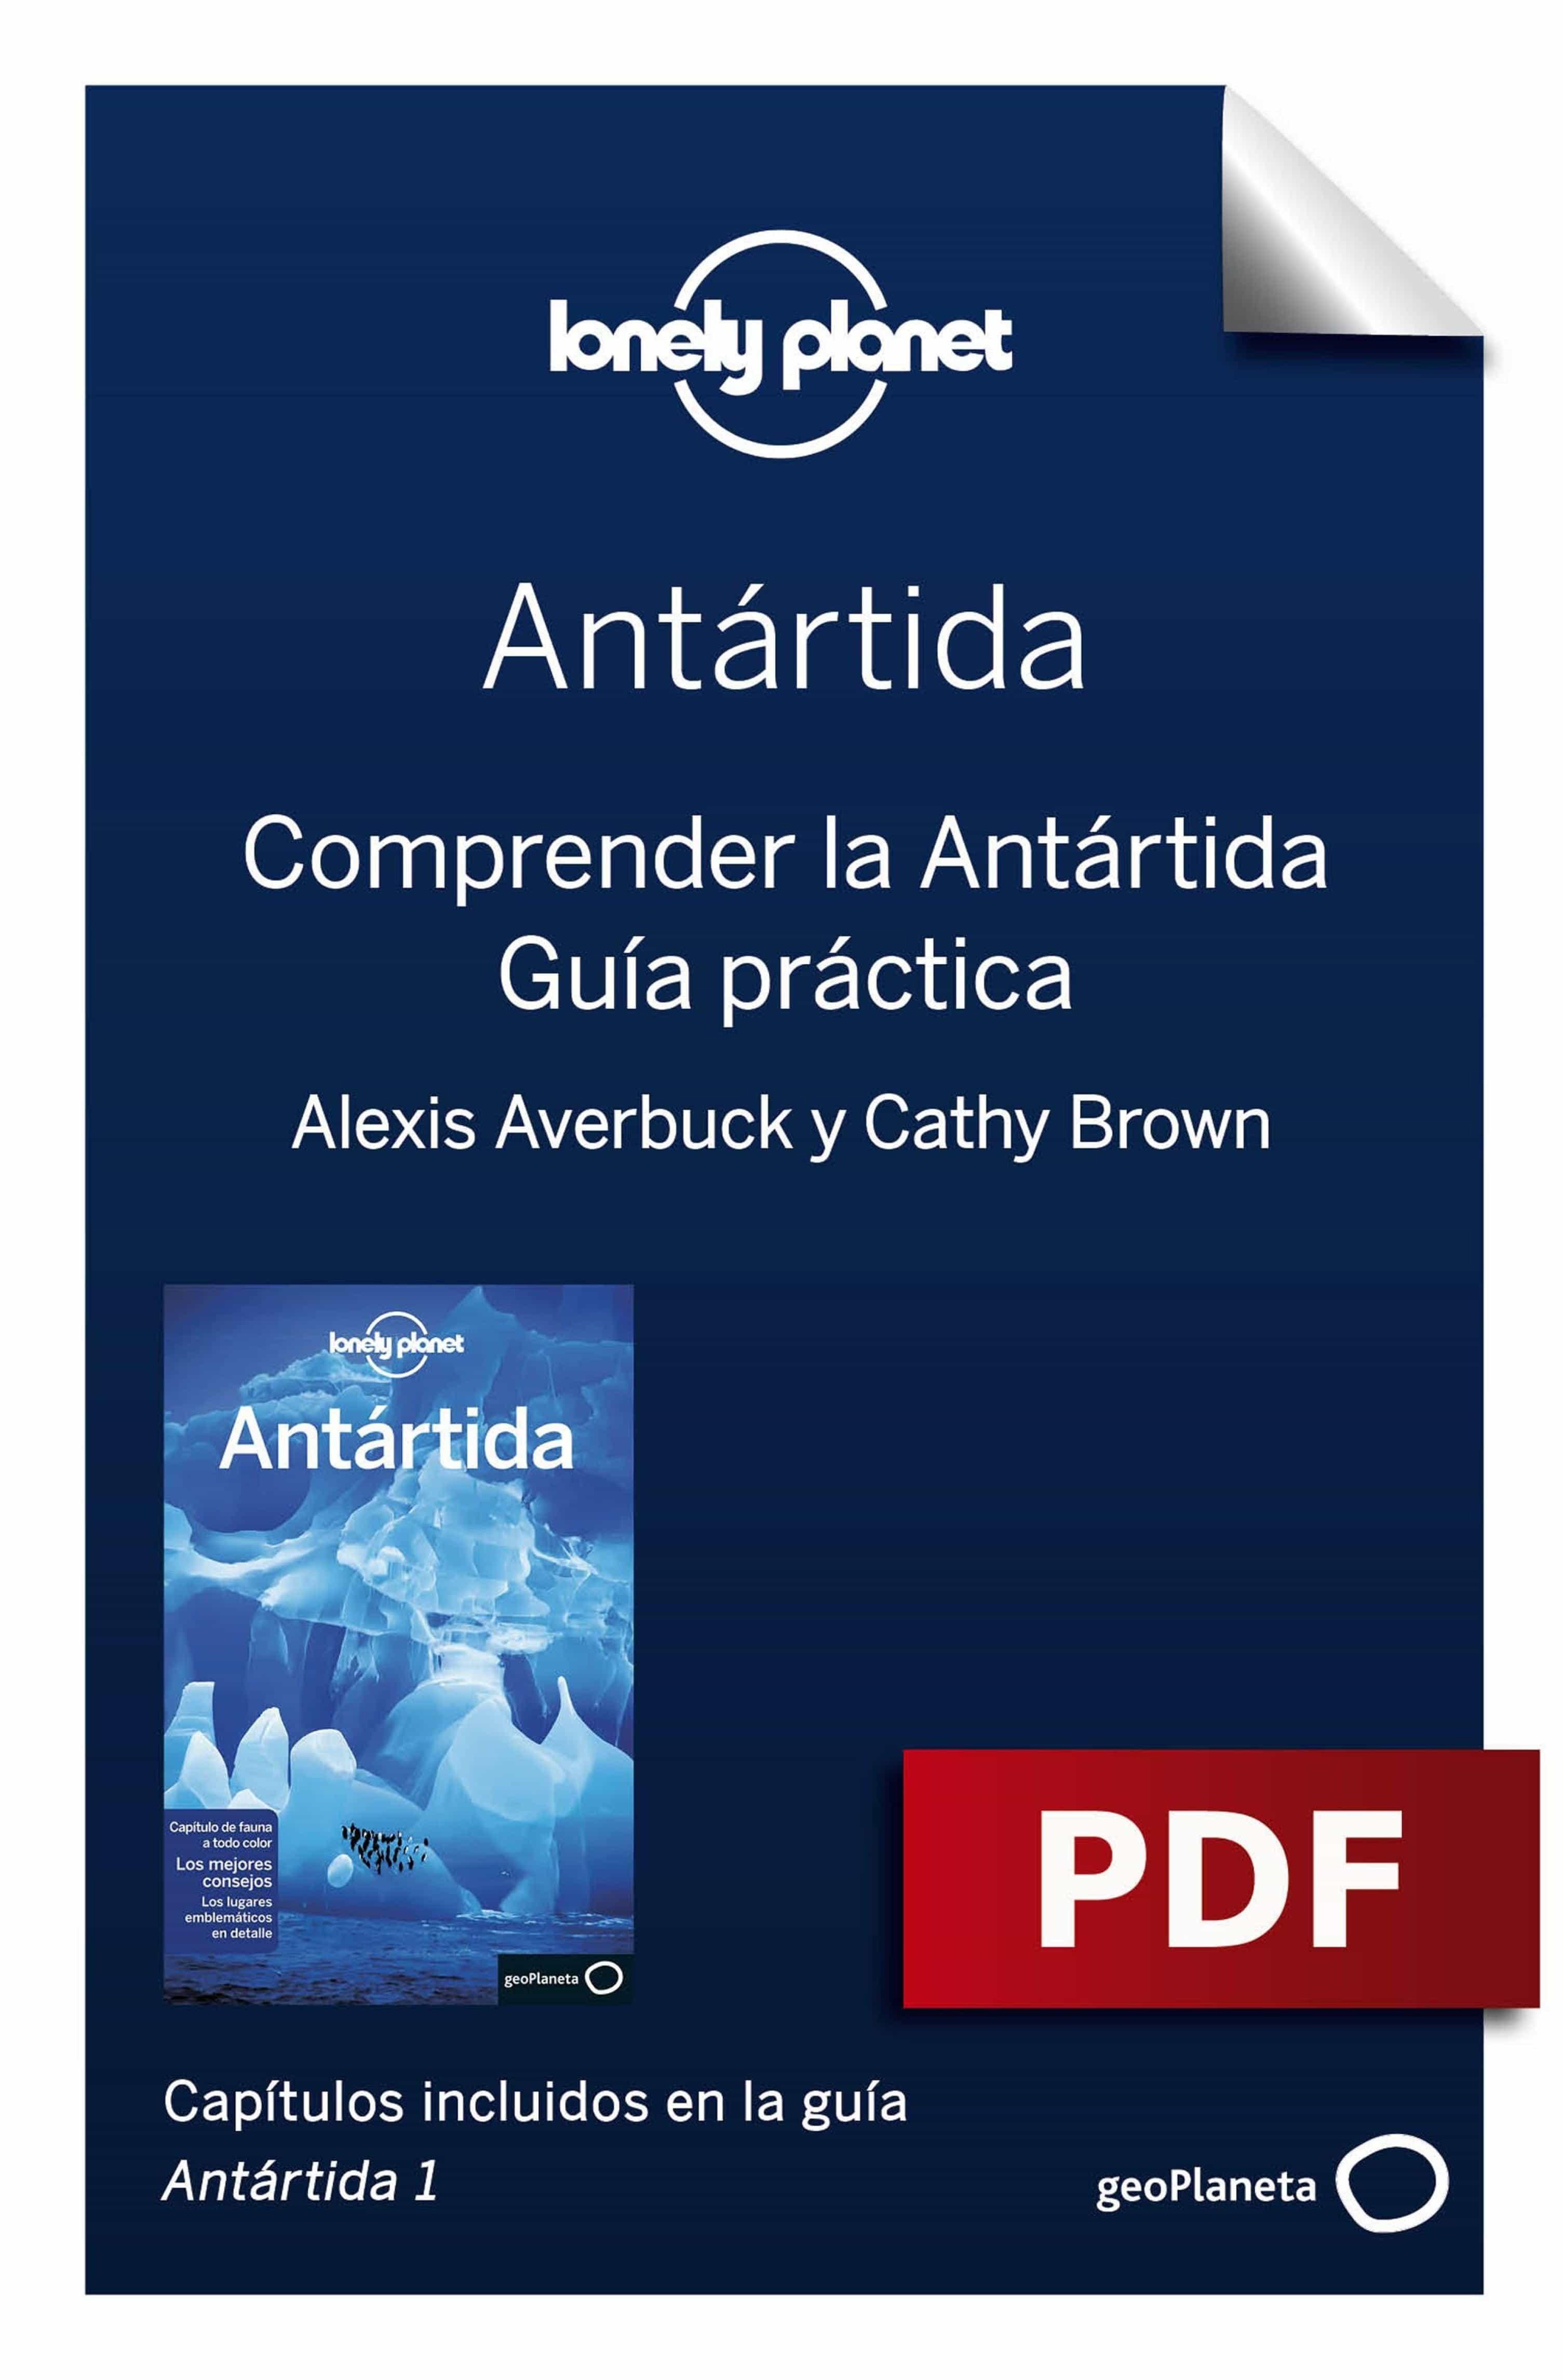 Antártida 1_6. Comprender Y Guía Práctica   por Alexis Averbuck, Cathy Brown